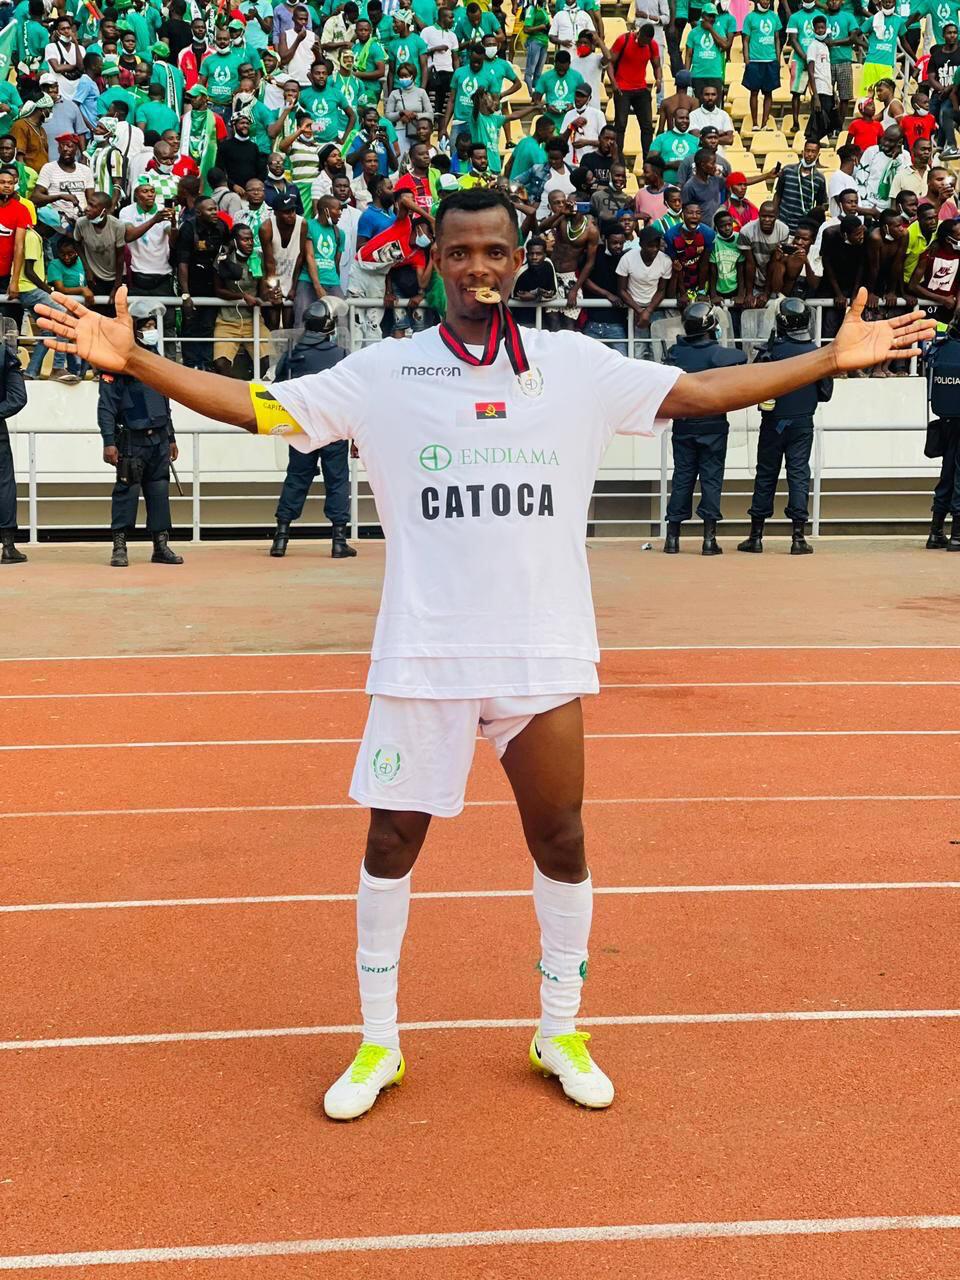 Joseph Femi - Nigéria - Sagrada Esperança - Angola - Futebol - Desporto - Avançado - Champions League - CAF - Liga dos Campeões Africanos